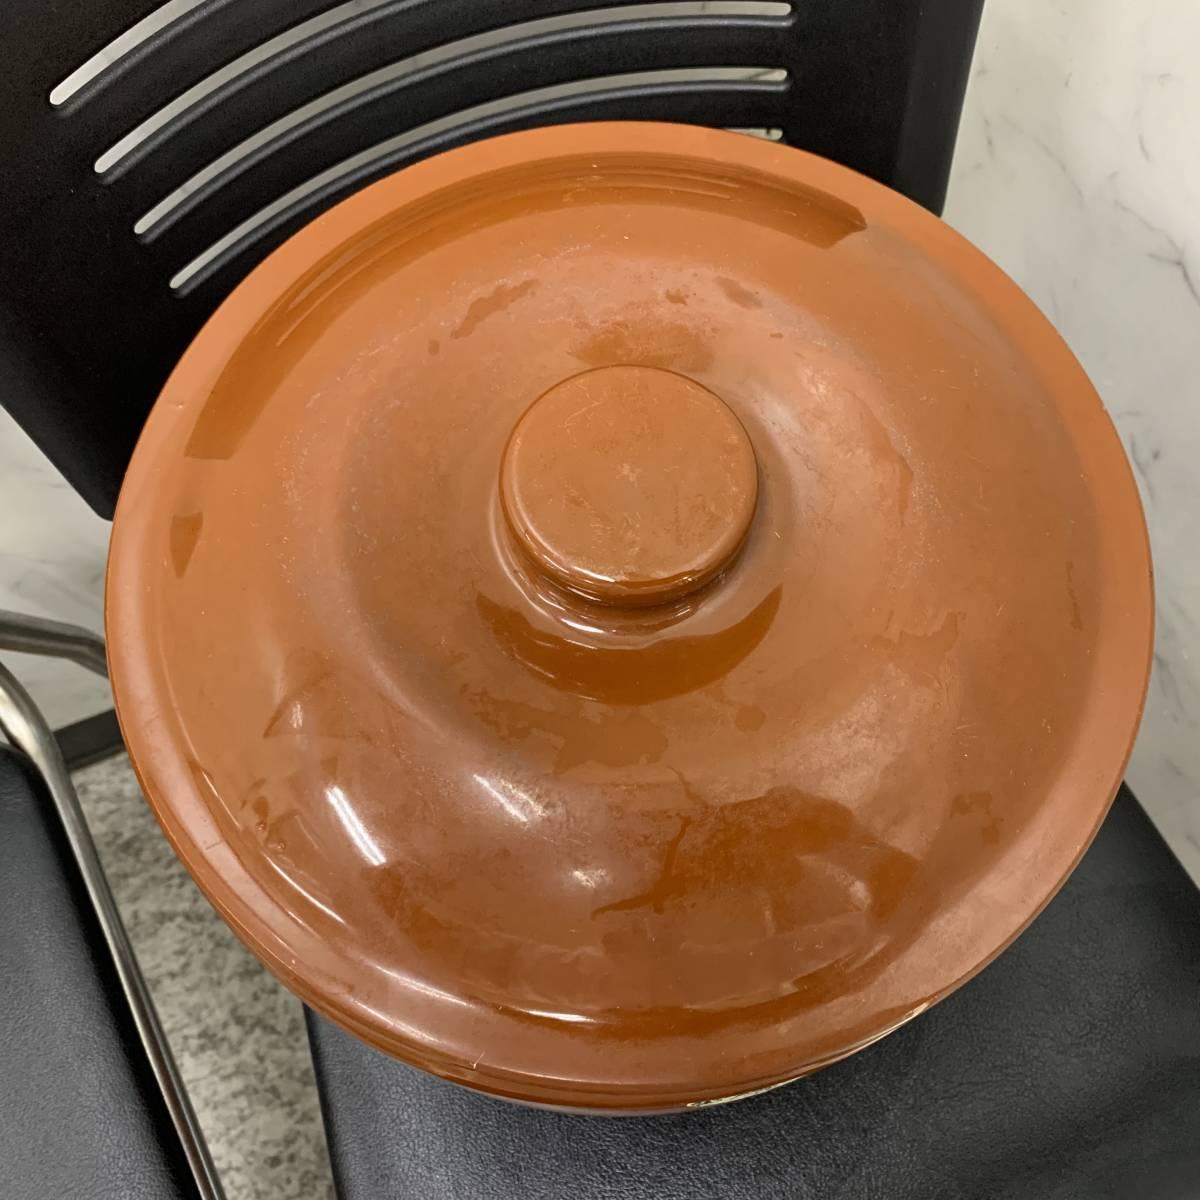 2、常滑焼 久松窯 梅干し壺 漬物容器 かめ 漬物 らっきょ 梅干 味噌 蓋付 経年保管品_画像5